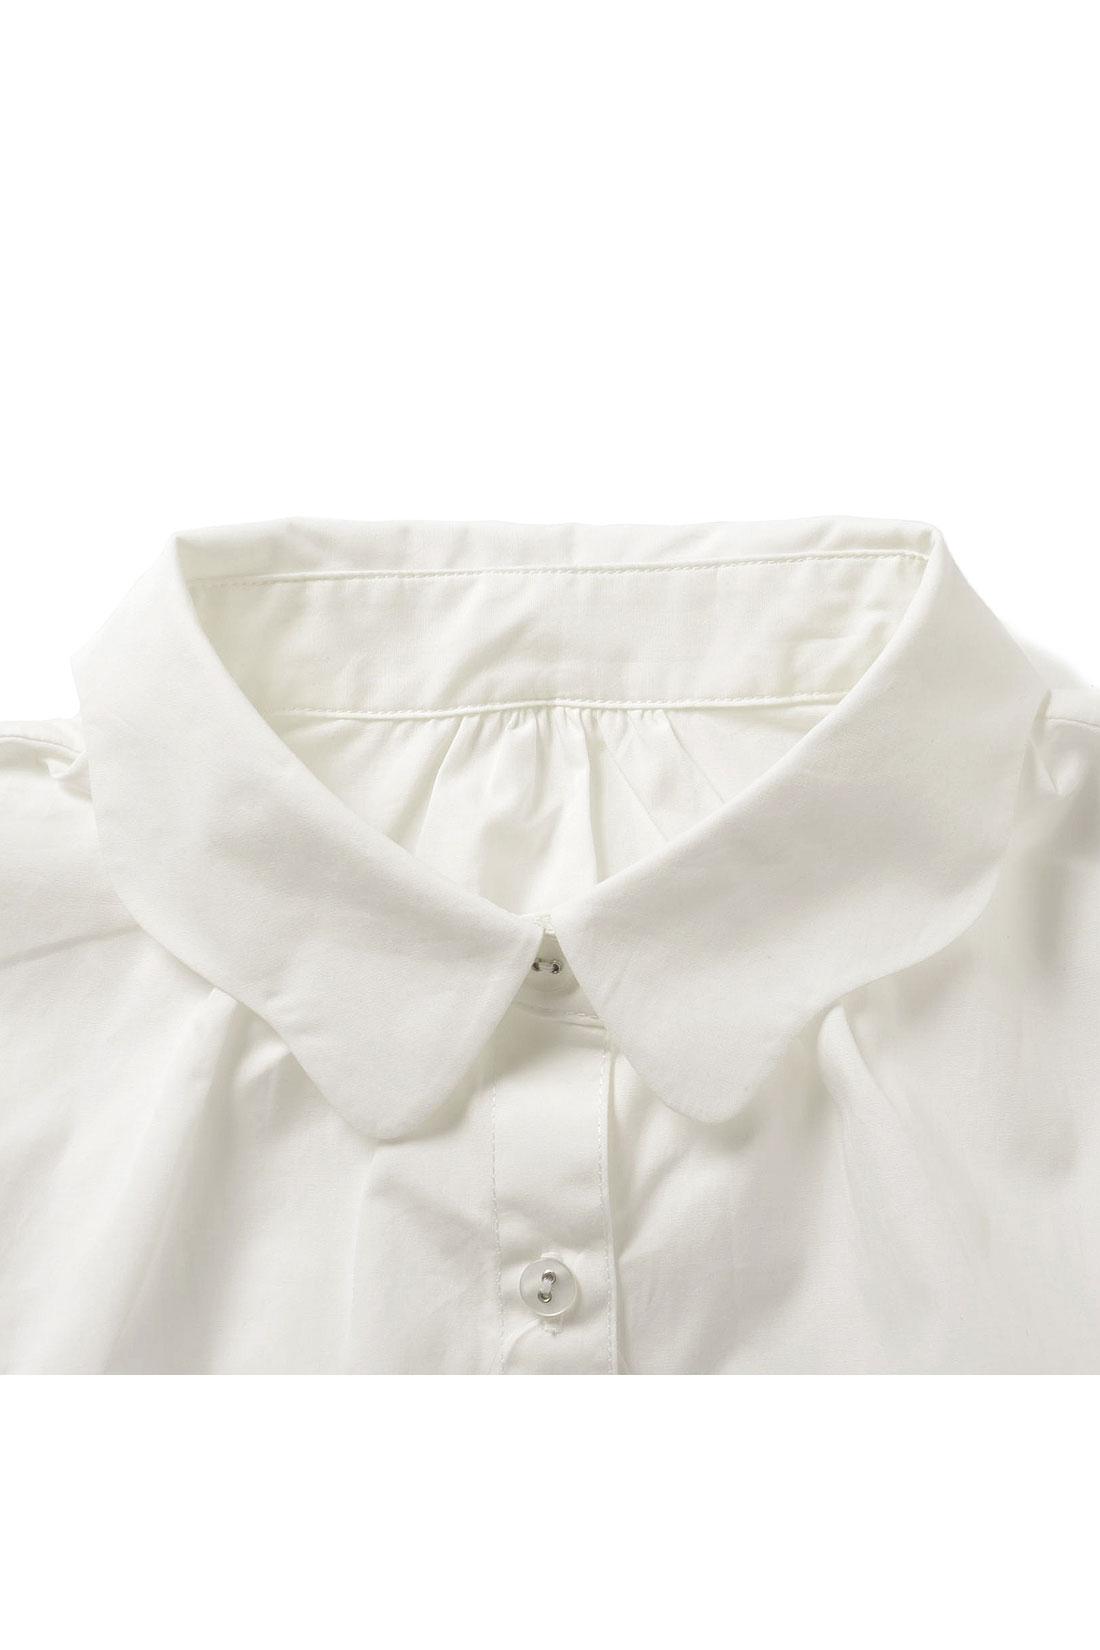 毎回大人気のなみなみ衿。ふわっとしたシルエットがかわいいね。